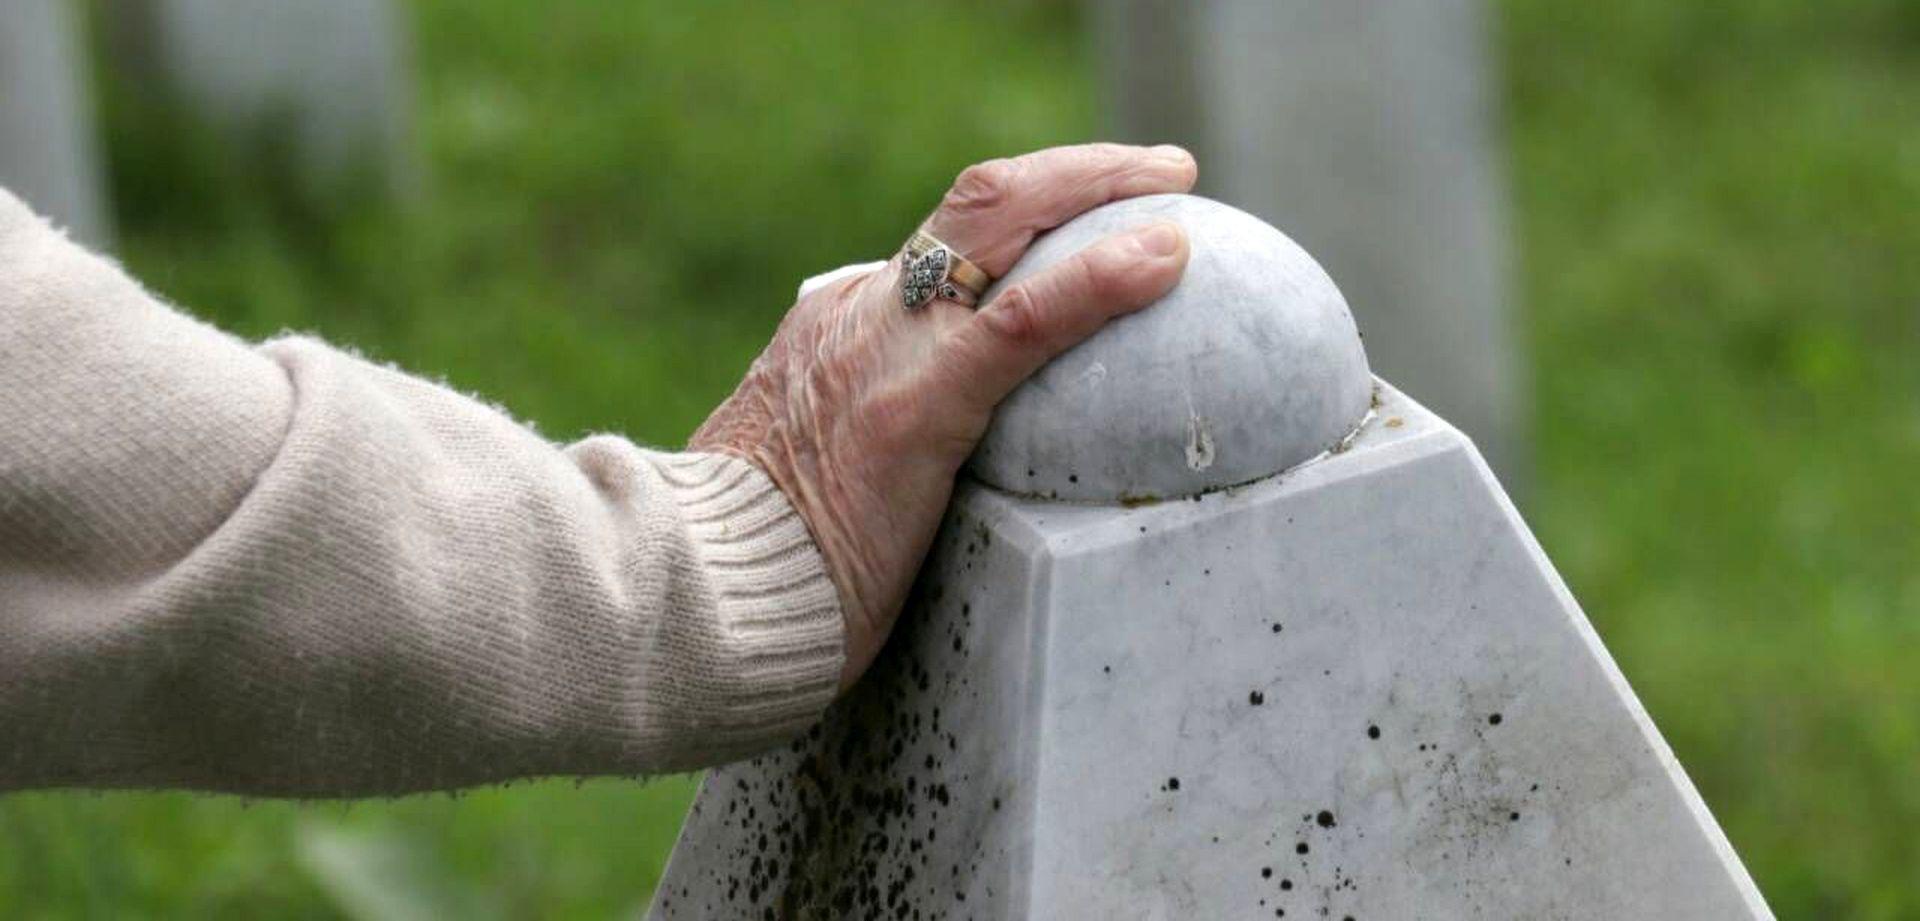 Dodik opet negira genocid u Srebrenici, za zločine krivi ustaše